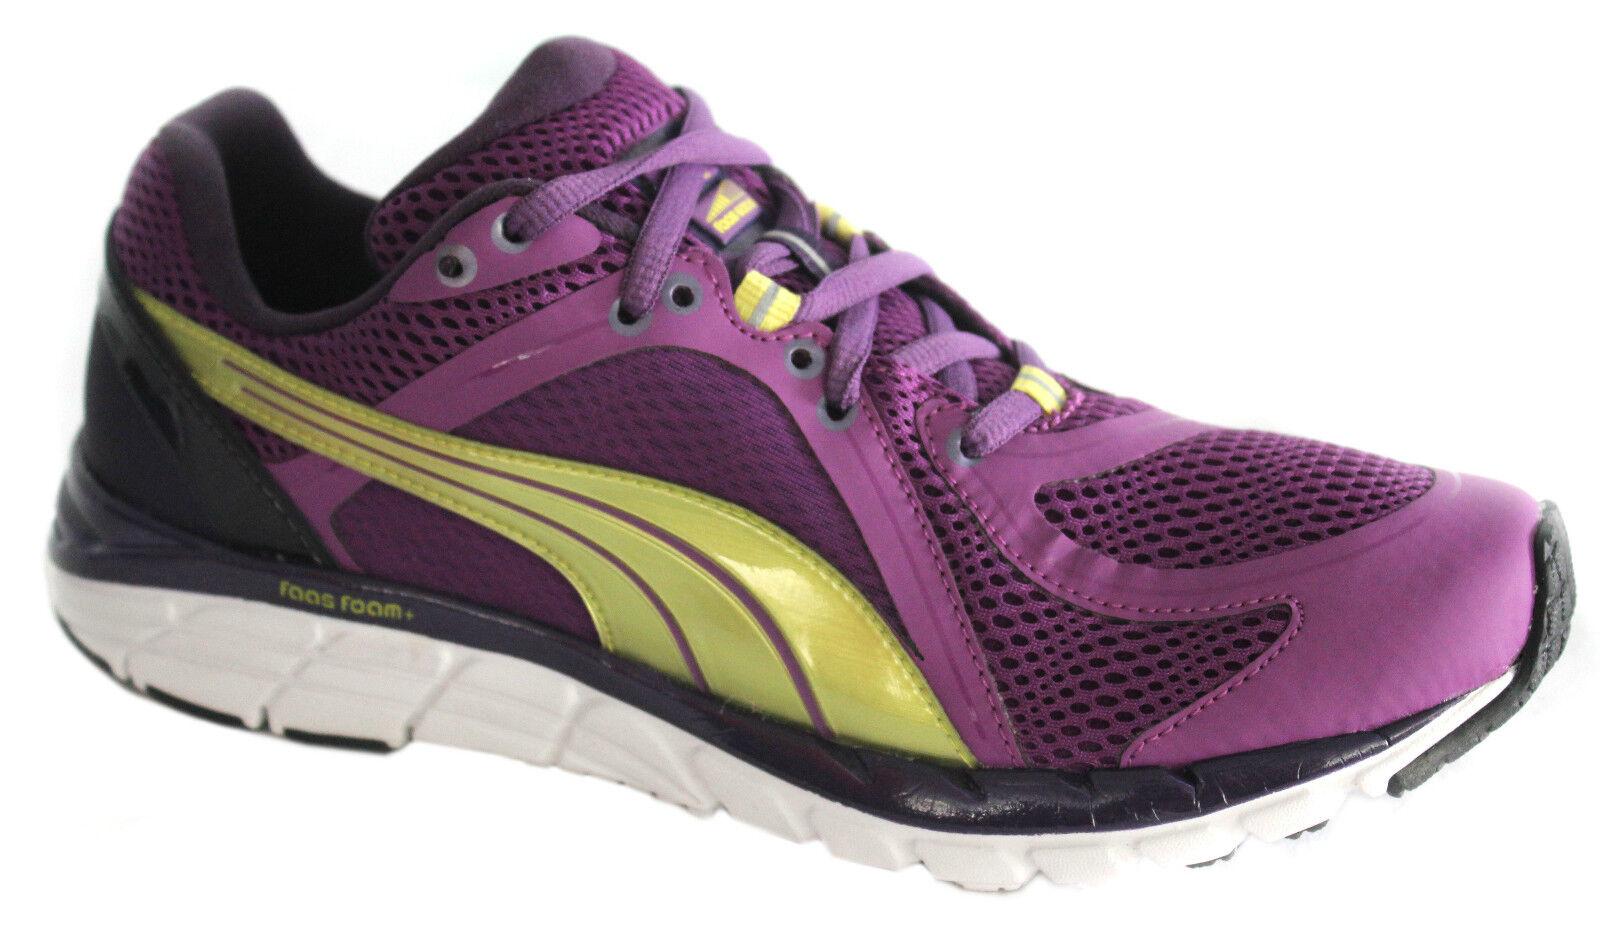 Puma Faas 600 S Chaussures Femme Baskets Chaussures de course à lacets maille violet 186734 01 D20